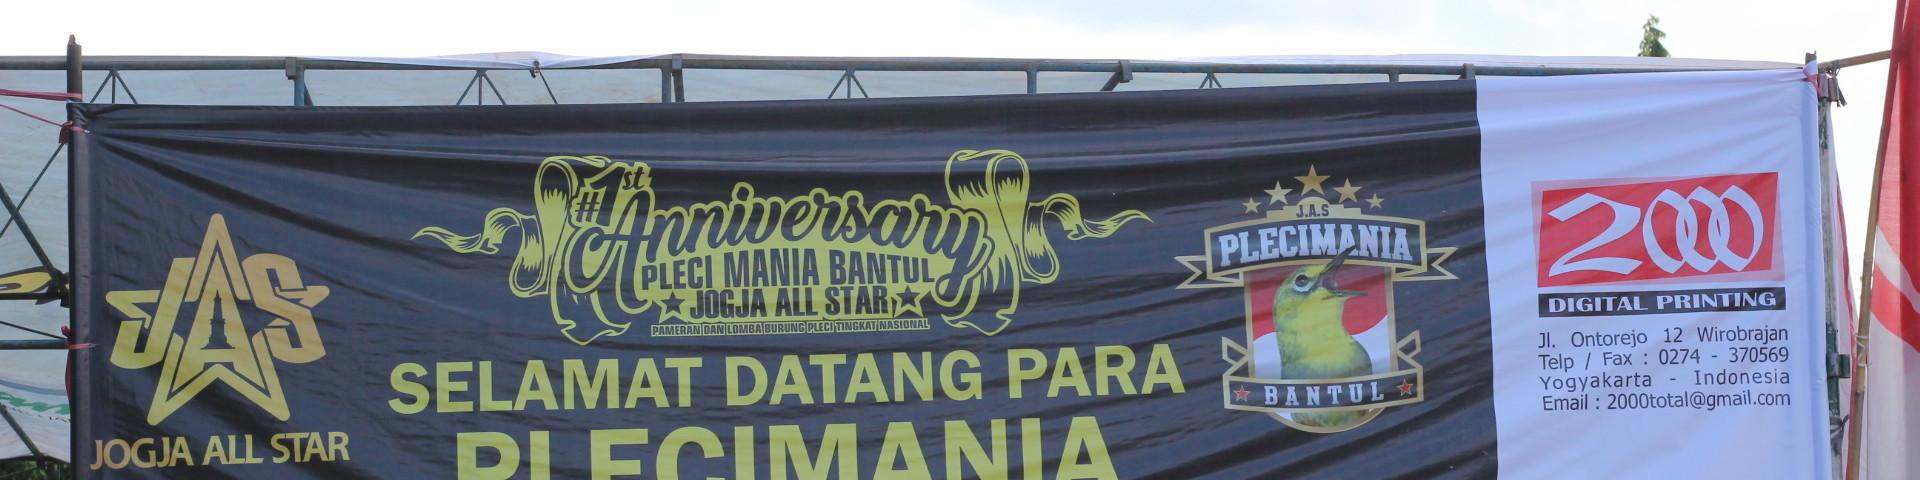 Pasar Seni Gabusan Pusat Kerajinan Kabupaten Bantul 1st Anniversary Pleci